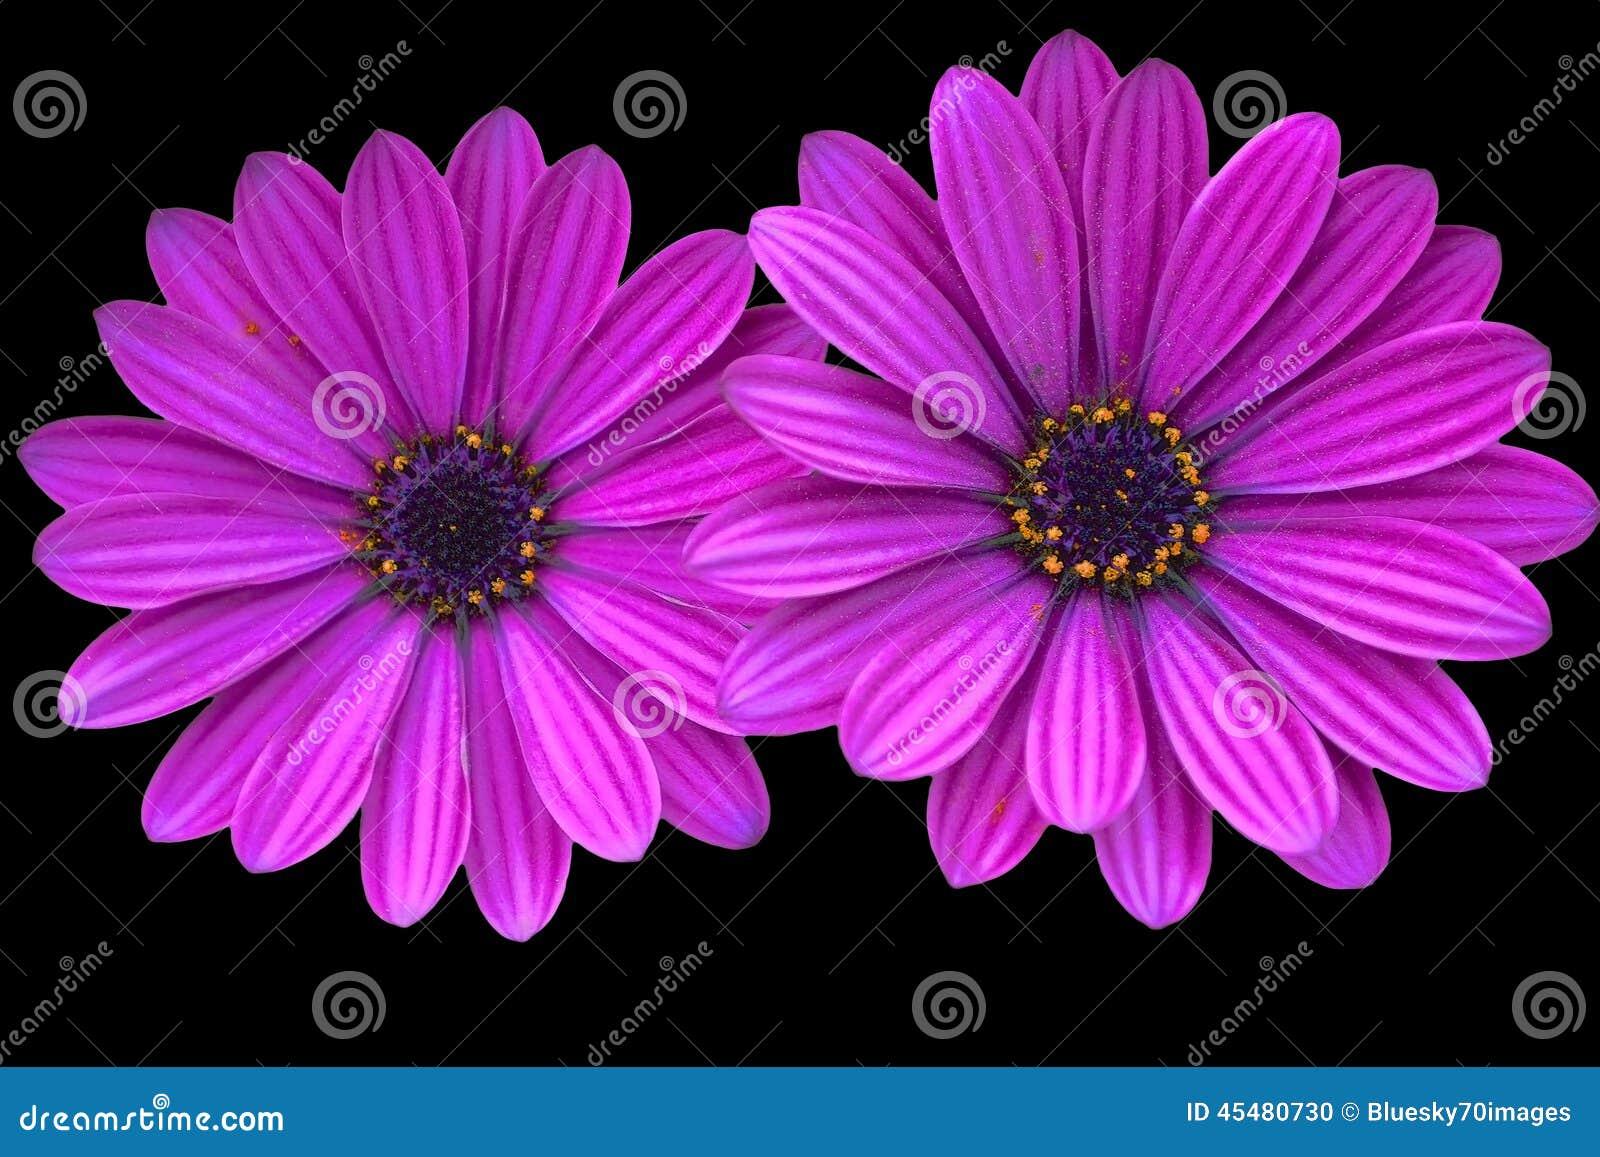 两朵紫色雏菊